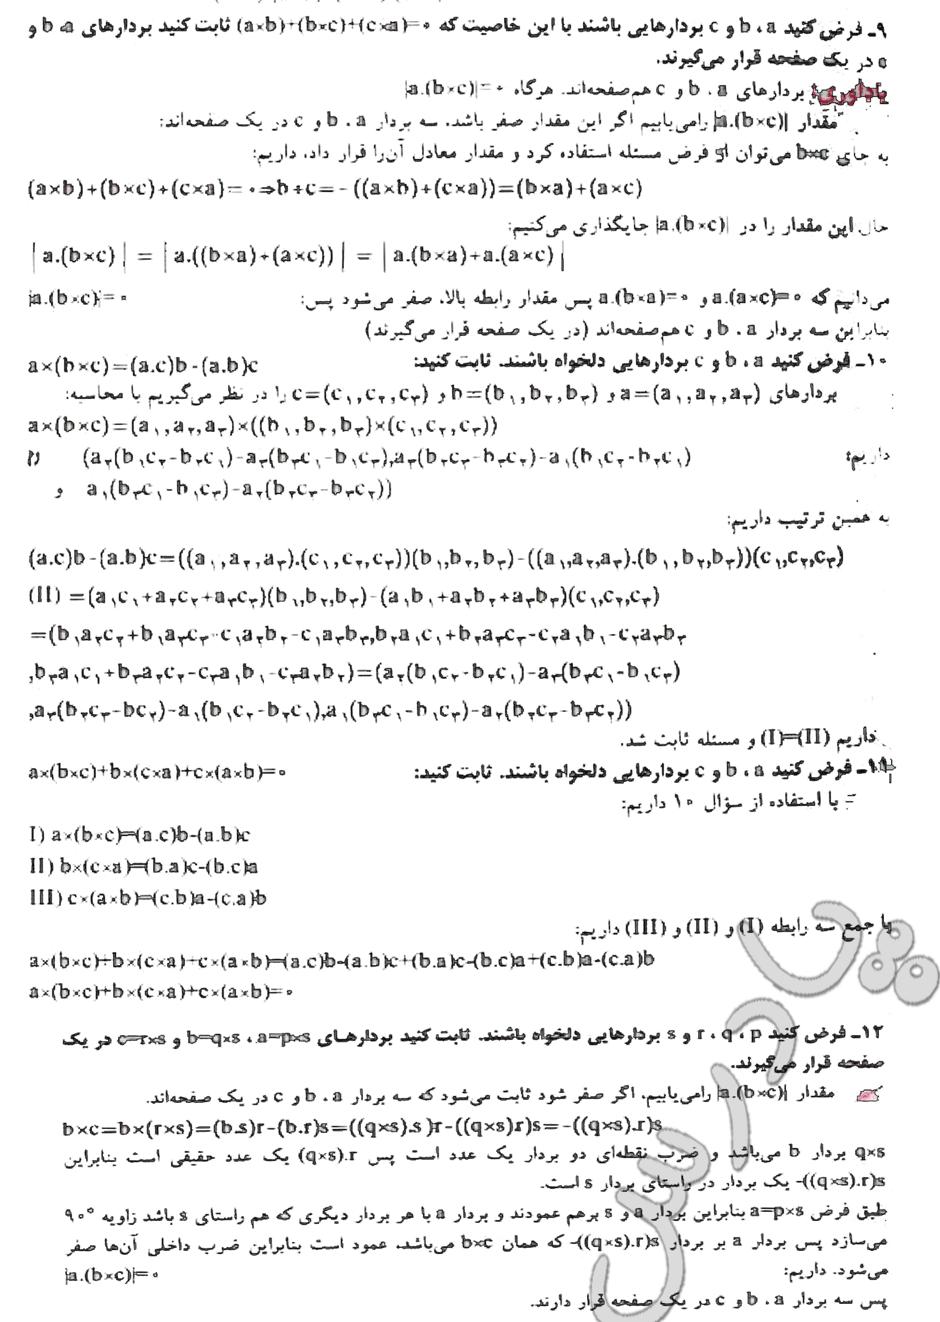 حل تمرین 9 تا 12  صفحه 32 فصل اول هندسه تحلیلی پیش دانشگاهی